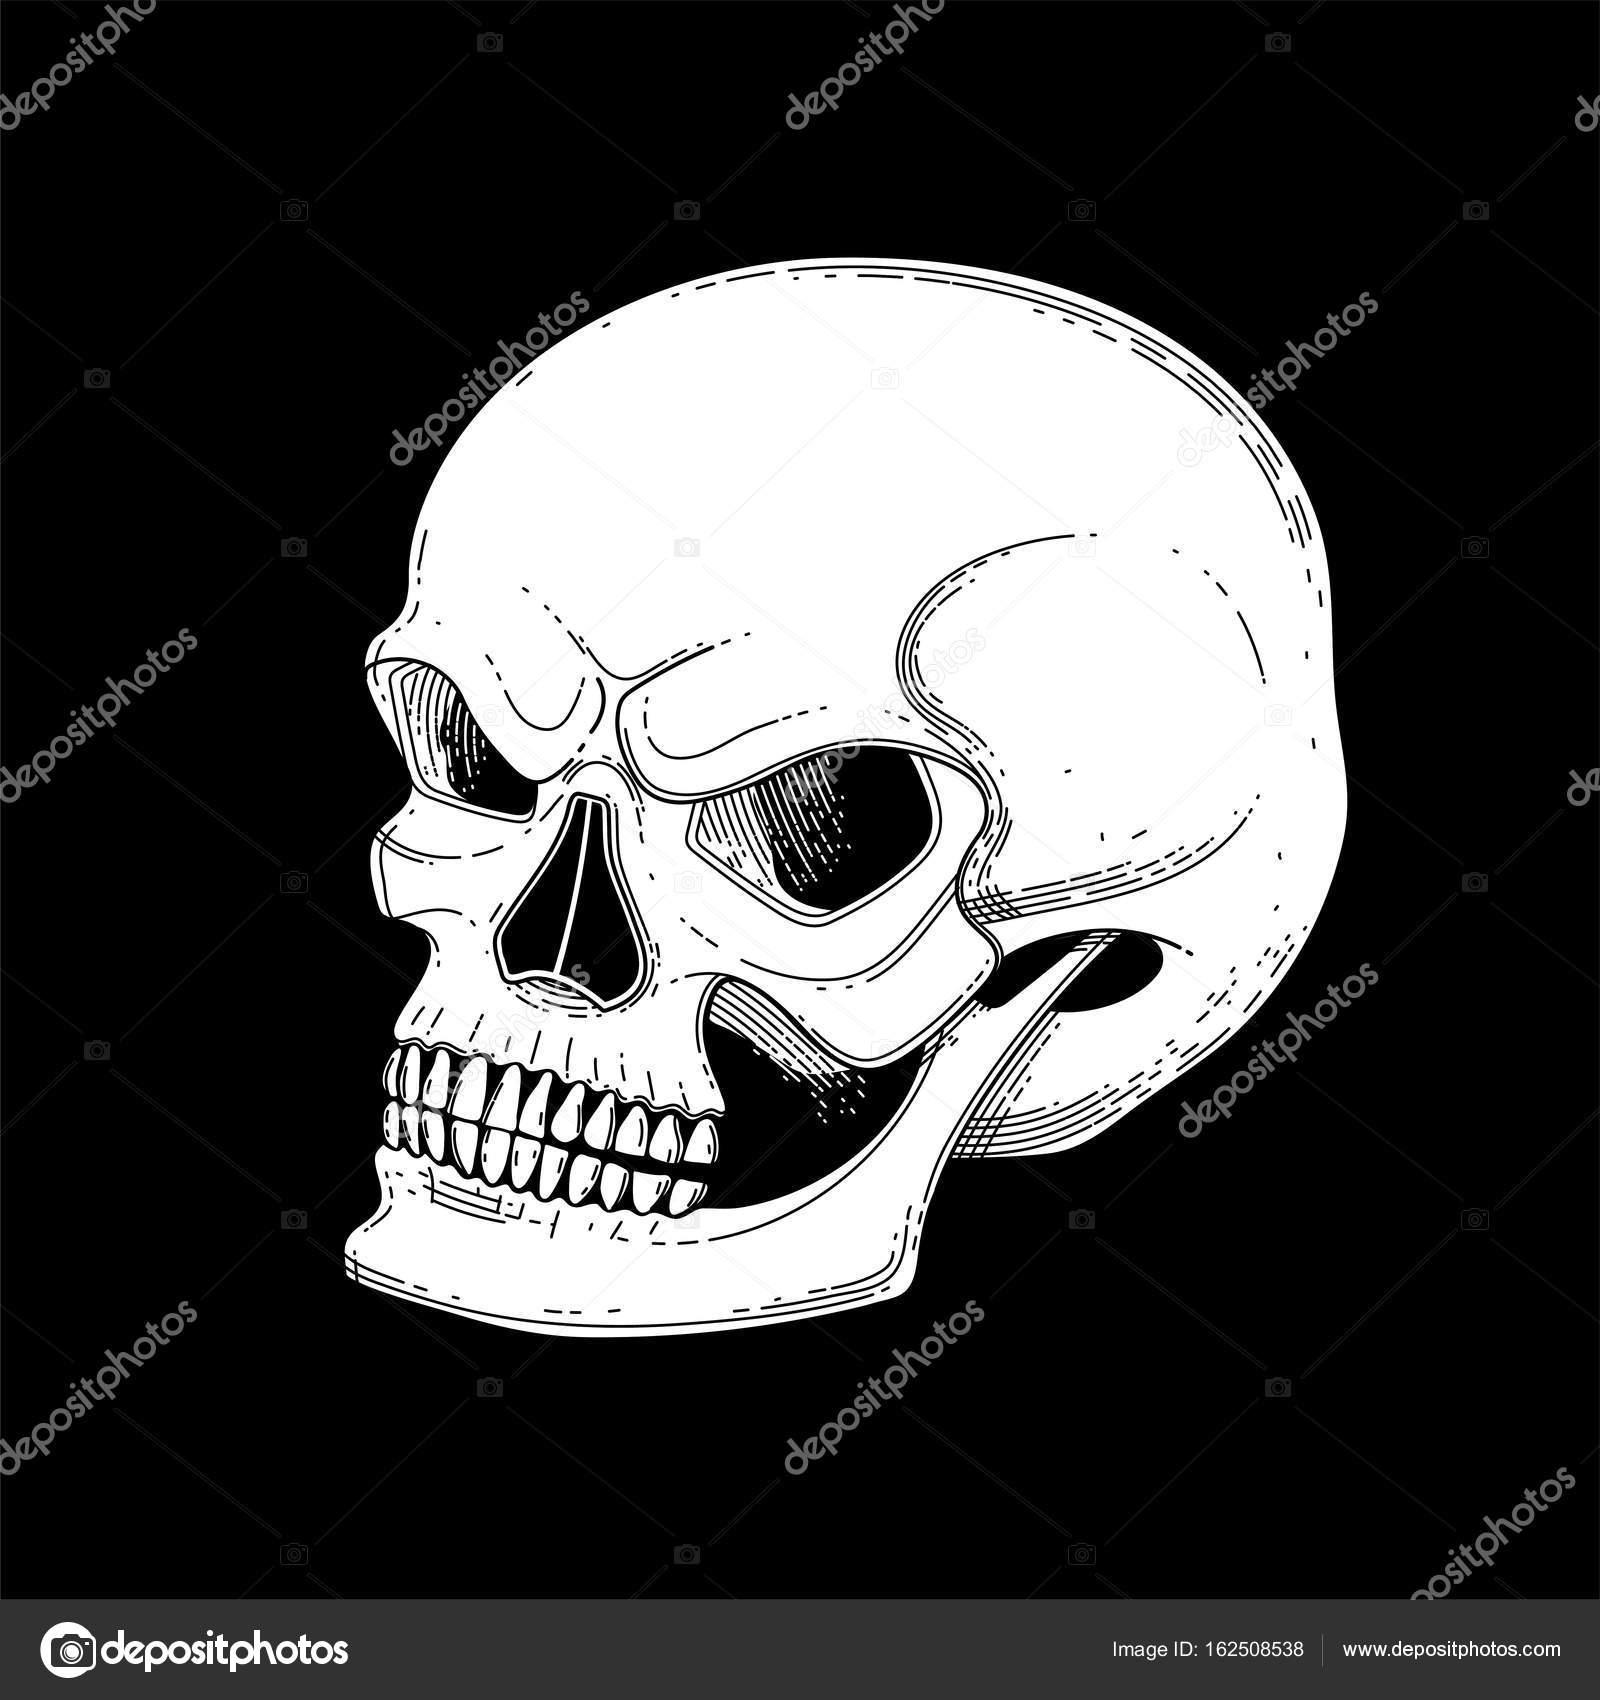 Gráfico cráneo con sonrisa temerosa — Archivo Imágenes Vectoriales ...